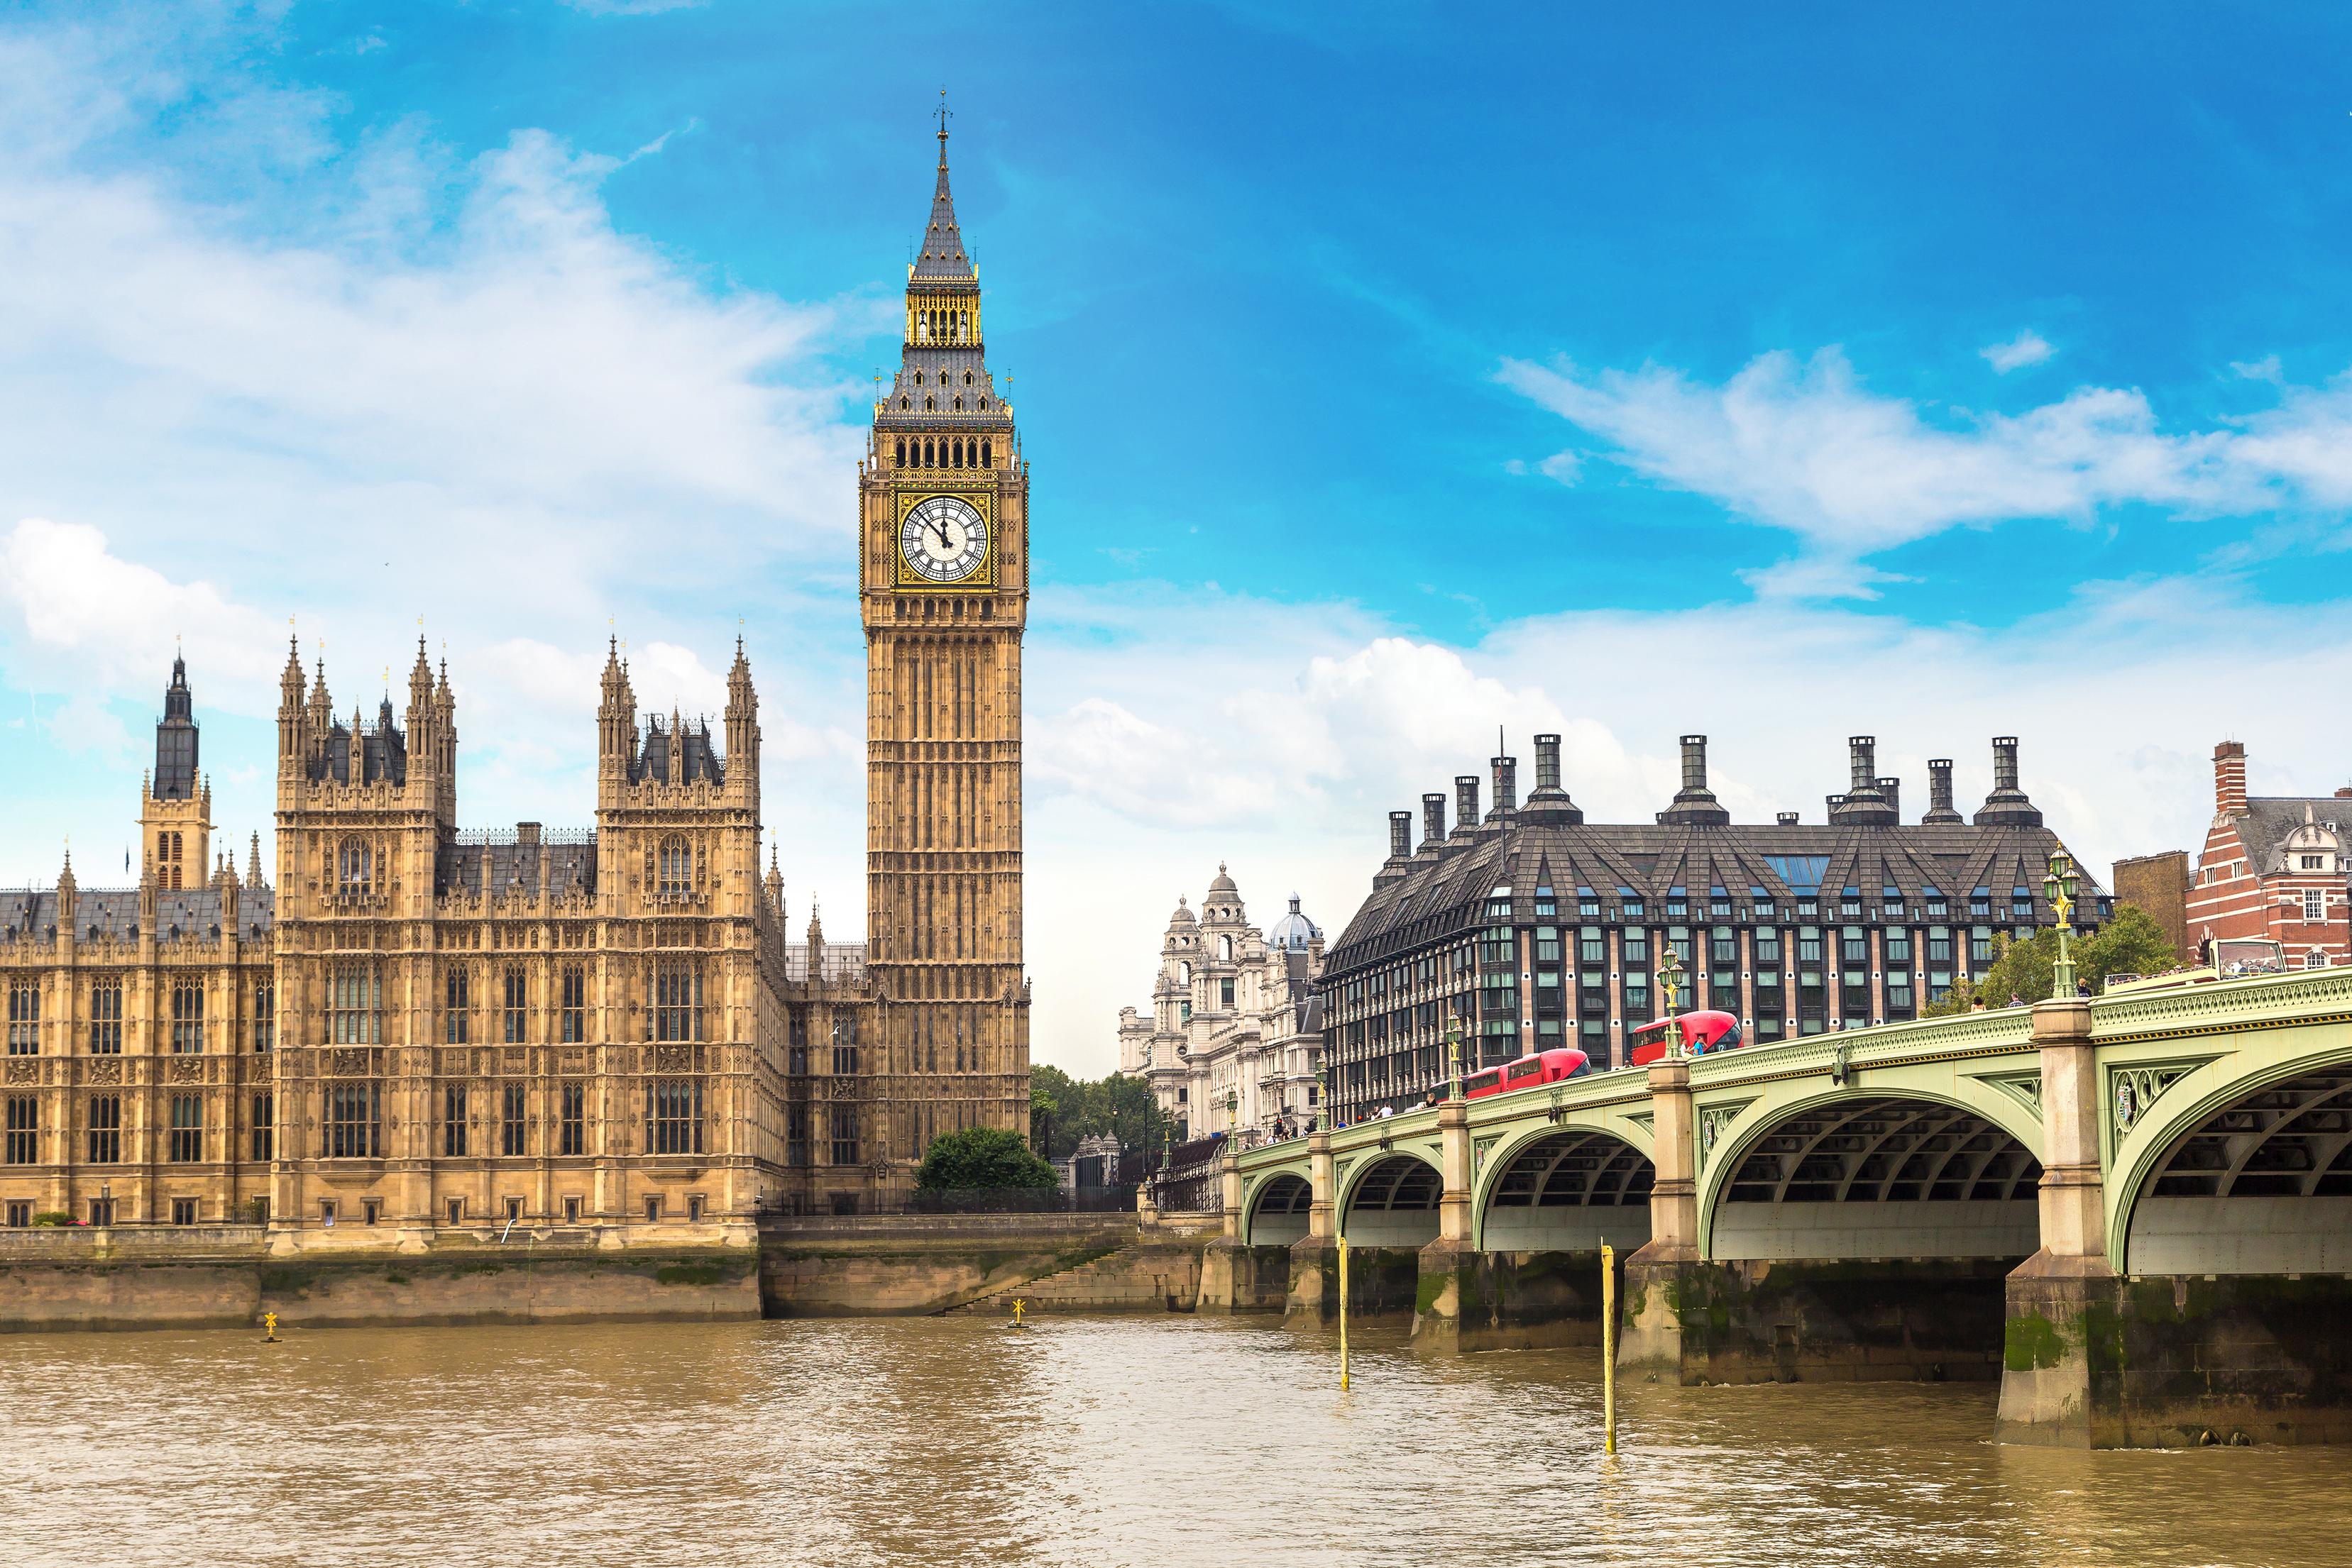 Биг Бен в Великобритании, ВНЖ которой могут получить россияне, украинцы и белорусы